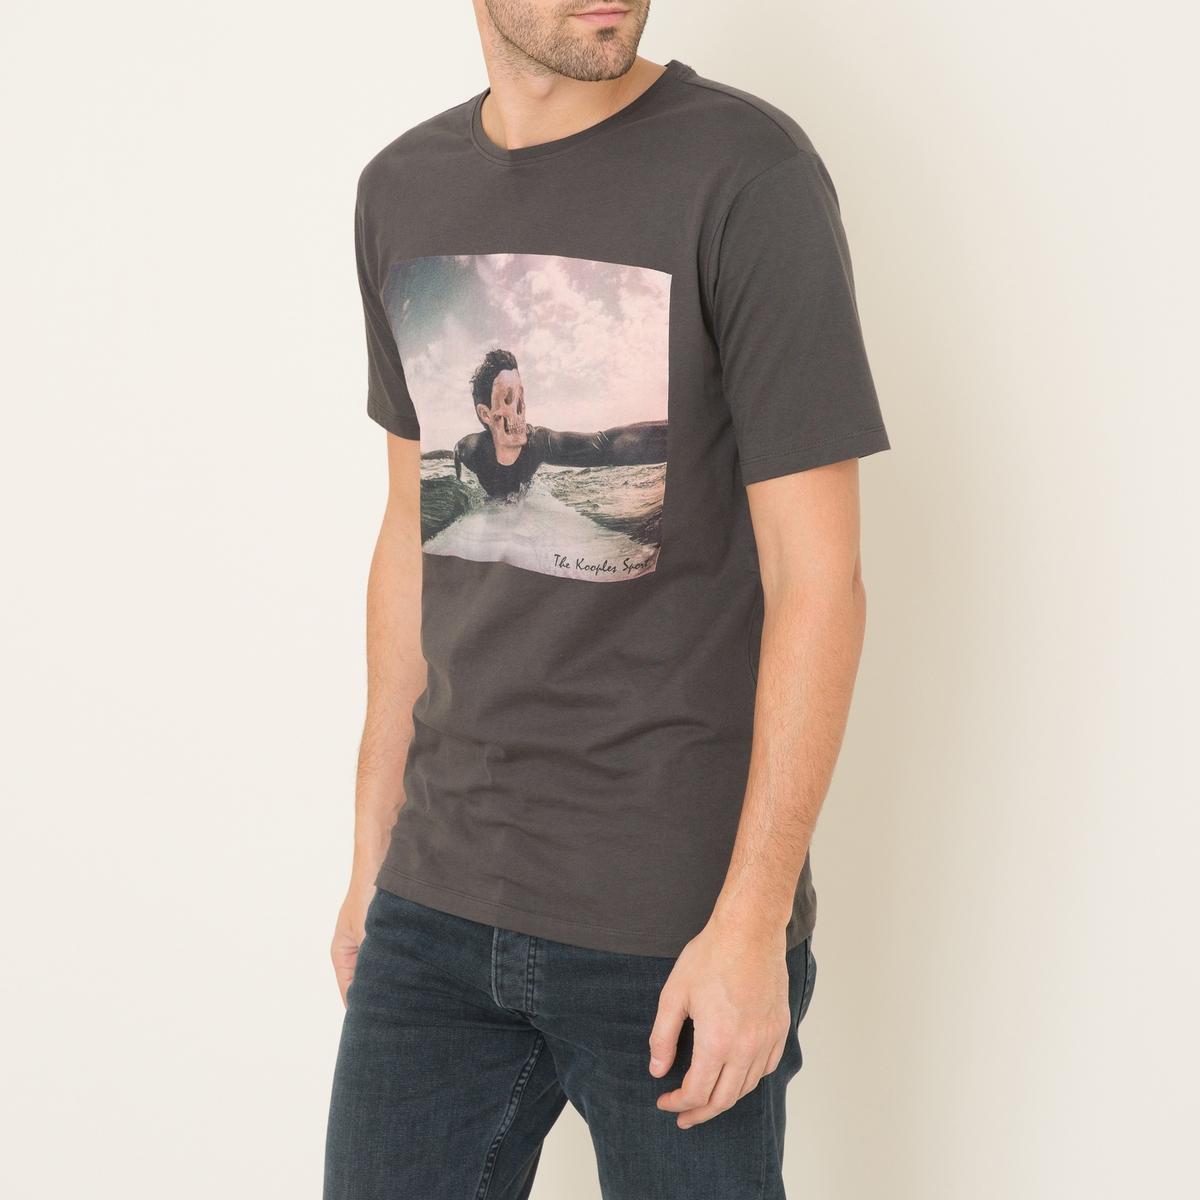 Футболка с рисункомФутболка THE KOOPLES SPORT - с фотопринтом из хлопкового джерси в винтажном стиле. Подвязка на круглом вырезе  . Короткие рукава. Прямой низ.Состав и описание:    Материал : 100% хлопок   Марка : THE KOOPLES SPORT<br><br>Цвет: хаки